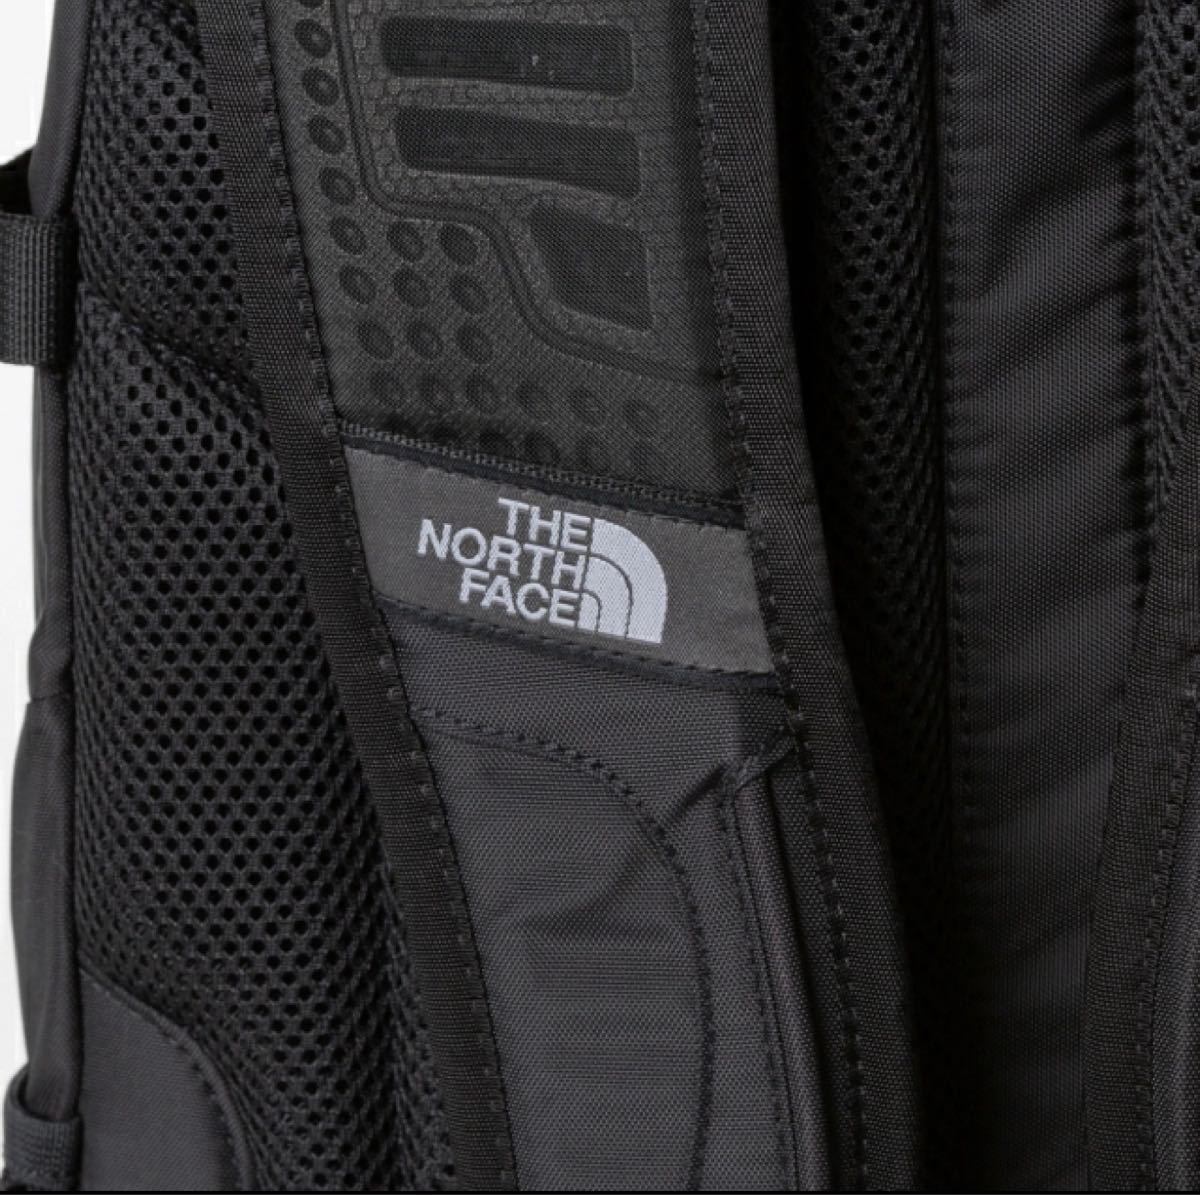 ノースフェイス ホットショットクラシック  26L NM72006 Kリュック バックパック バッグ THE NORTH FACE